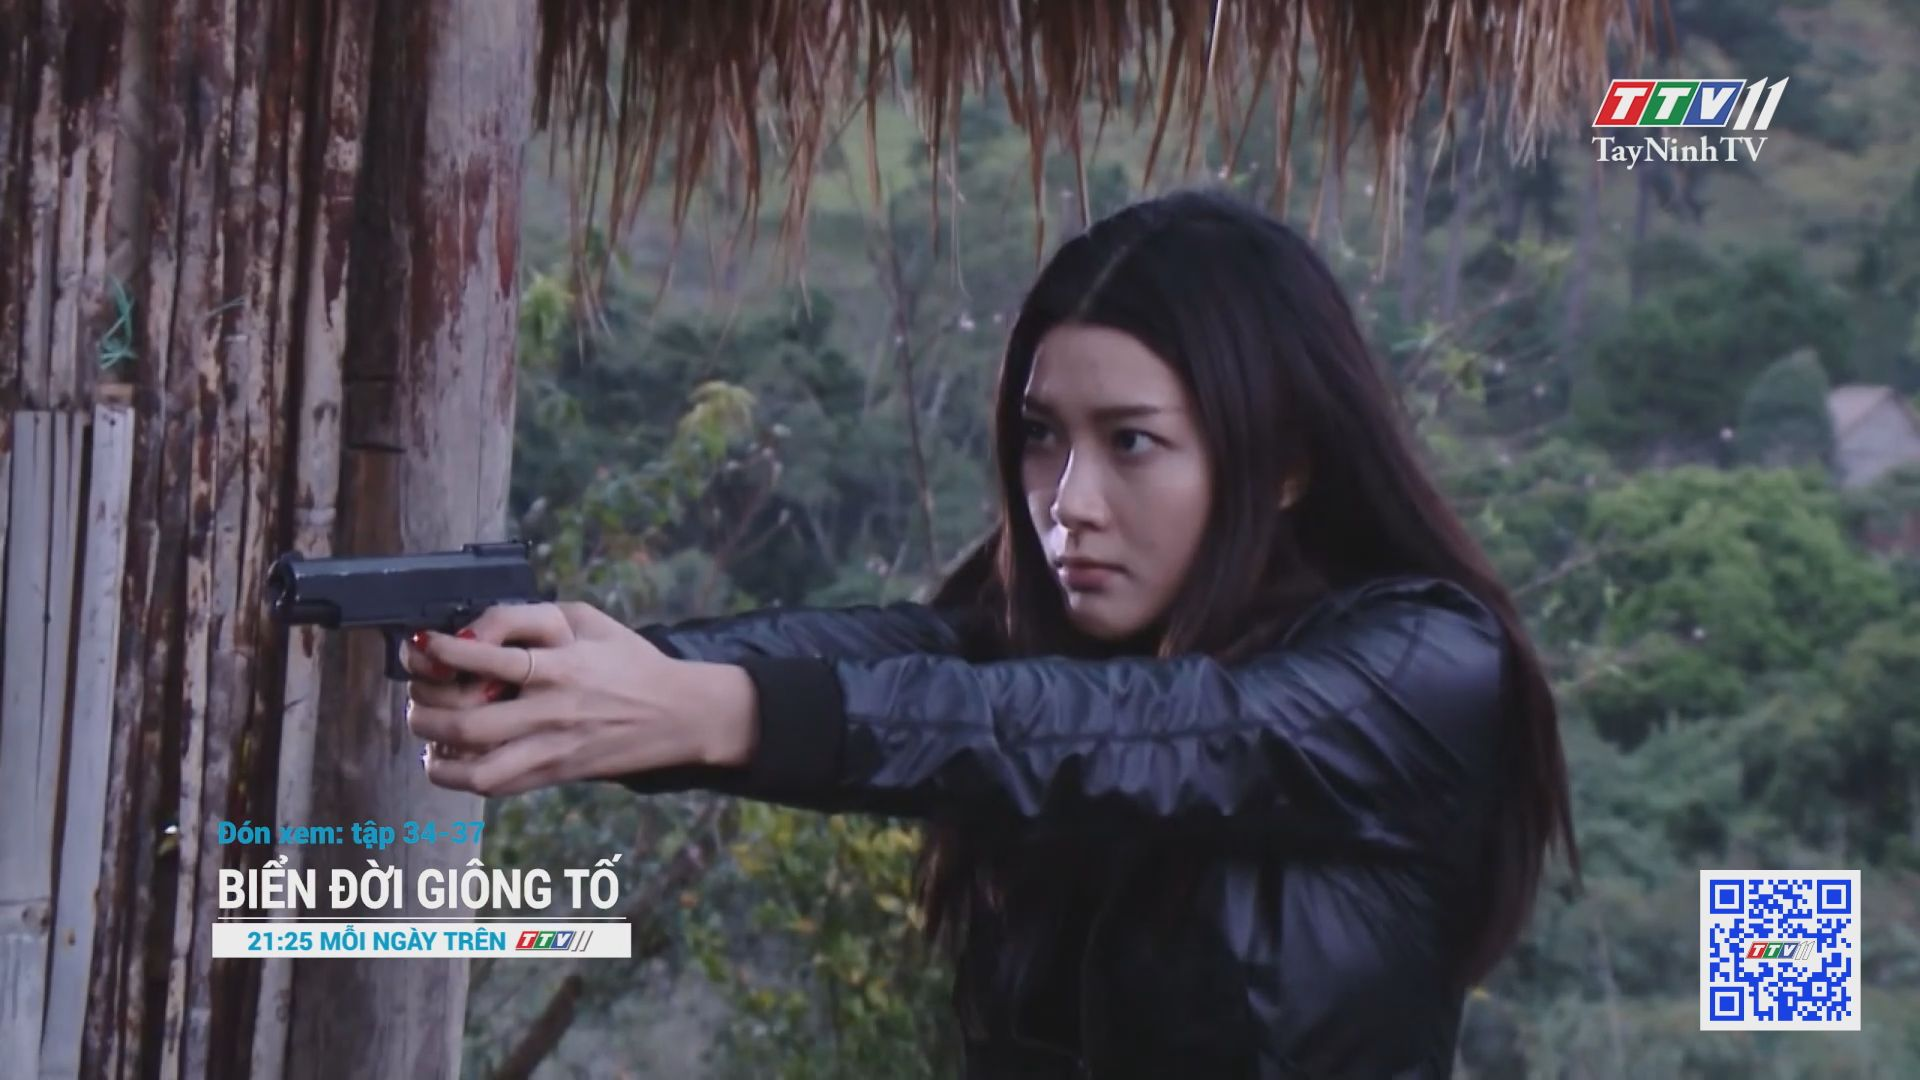 Phim BIỂN ĐỜI GIÔNG TỐ - Trailer Tập 34-37   GIỚI THIỆU PHIM   TayNinhTV